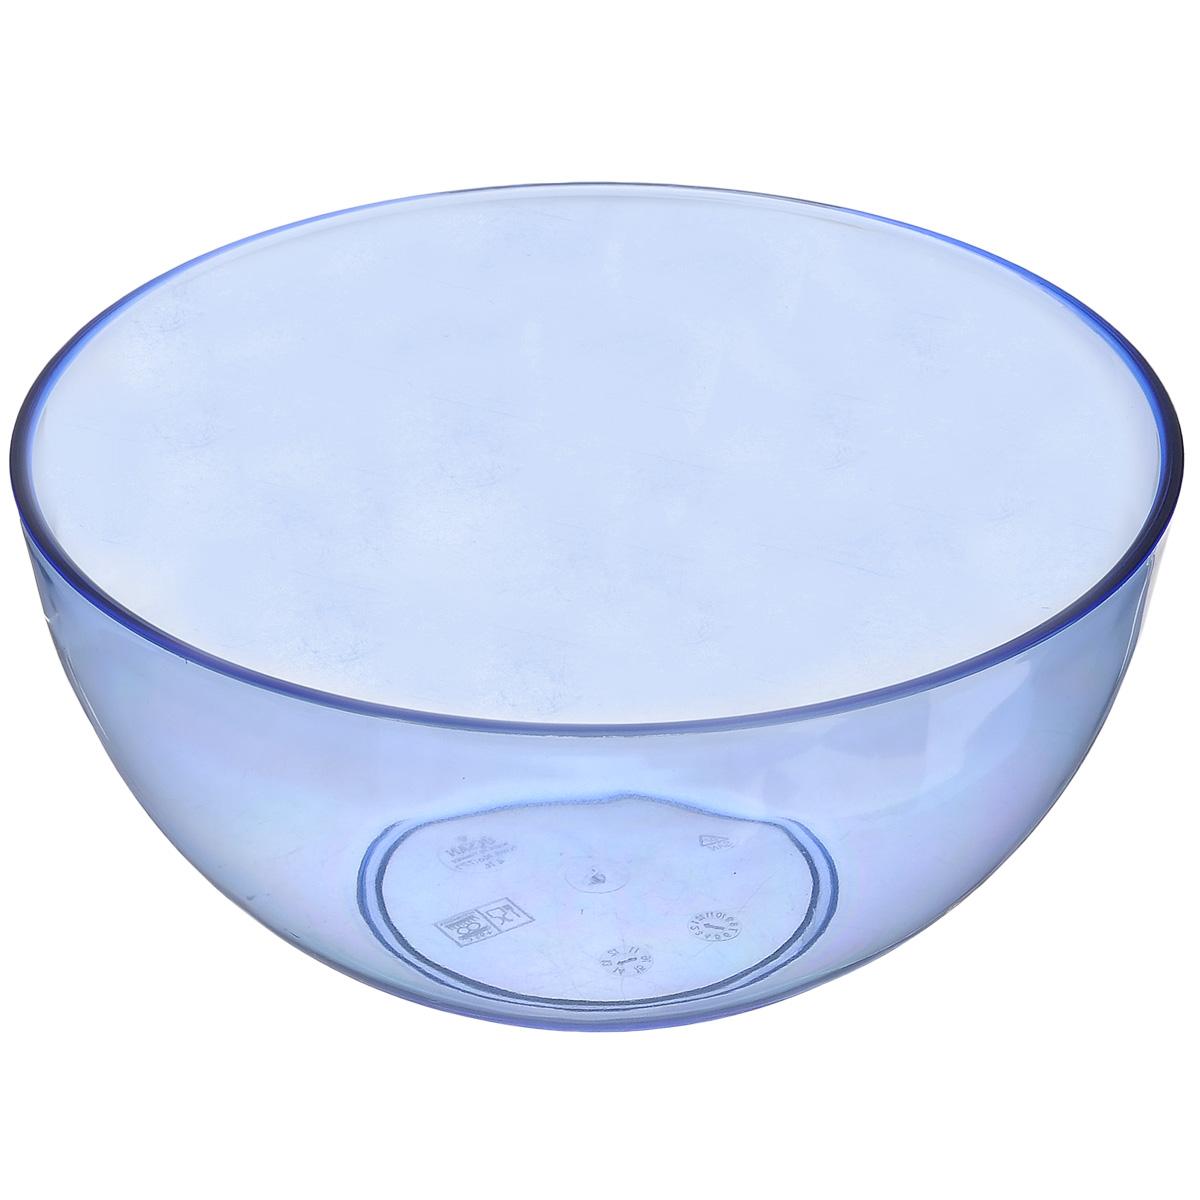 Салатник Ucsan, цвет: синий, 4 лM-777Салатник Ucsan изготовлен из полипропилена и идеально подходит для сервировки стола. Салатник Ucsan не только украсит ваш кухонный стол и подчеркнет прекрасный вкус хозяйки, но и станет отличным подарком. Можно мыть в посудомоечной машине. Диаметр салатника: 24 см. Высота салатника: 12 см. Объем салатника: 4 л.